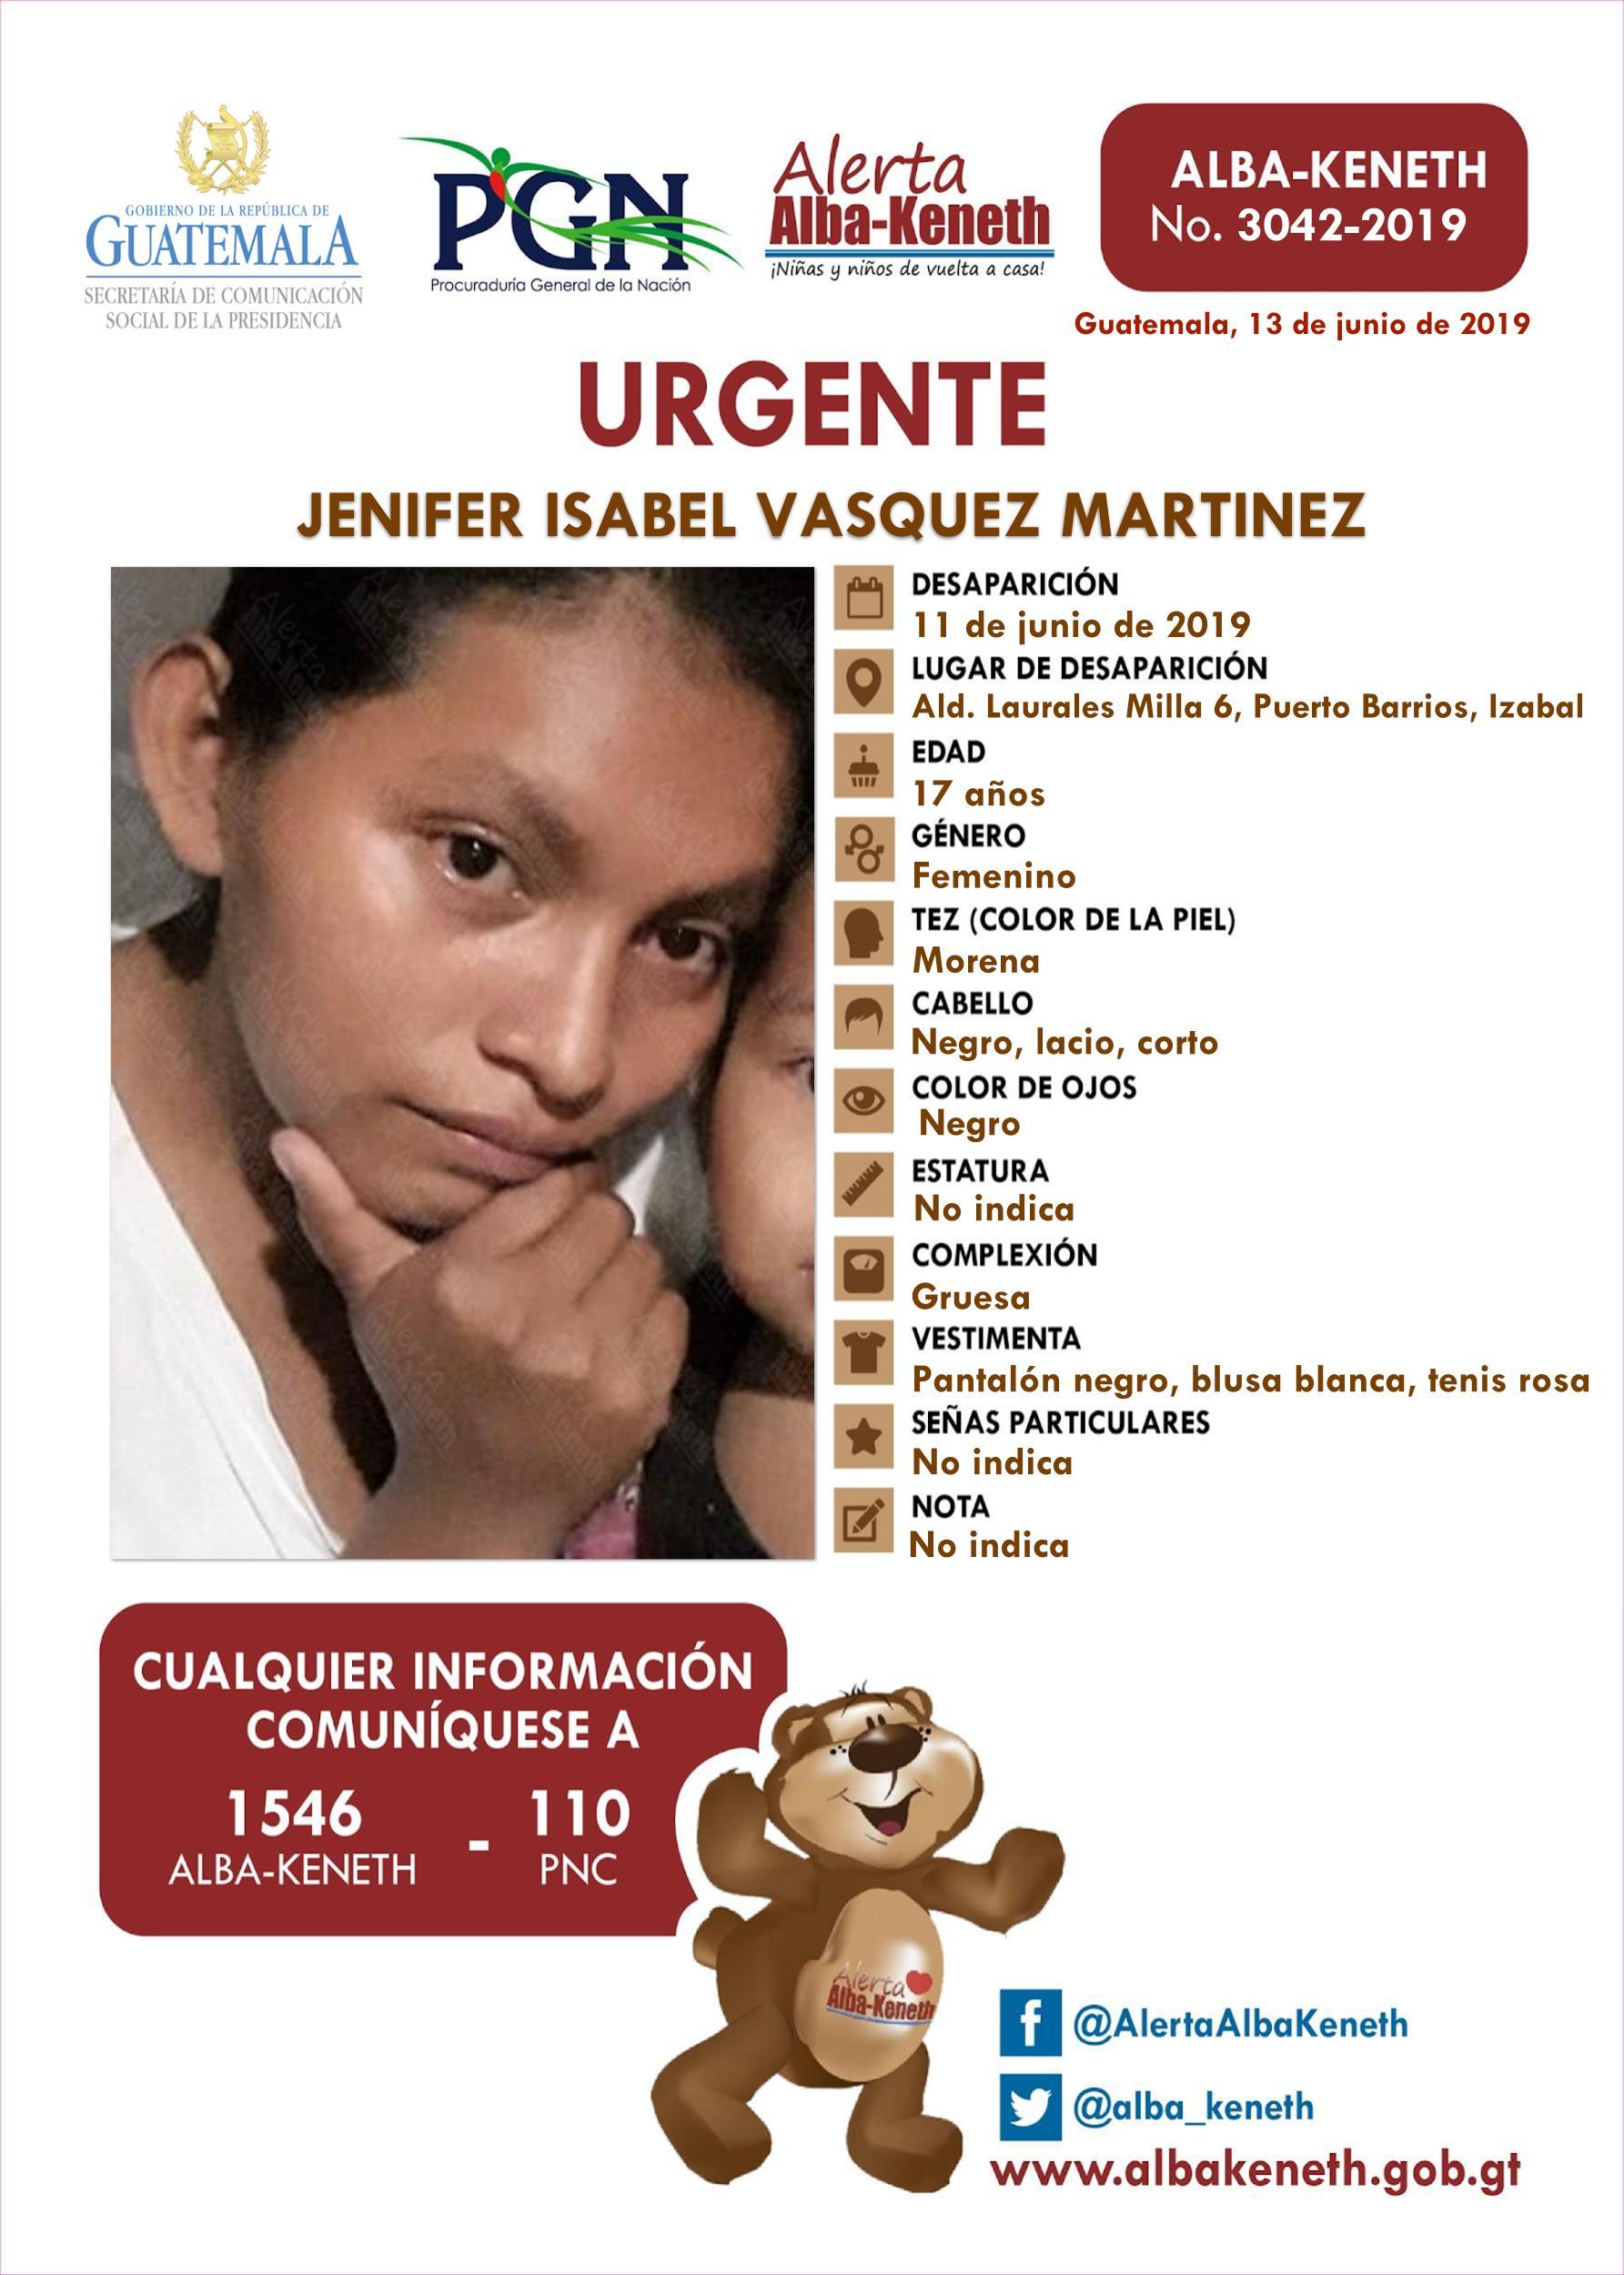 Jenifer Isabel Vasquez Martinez